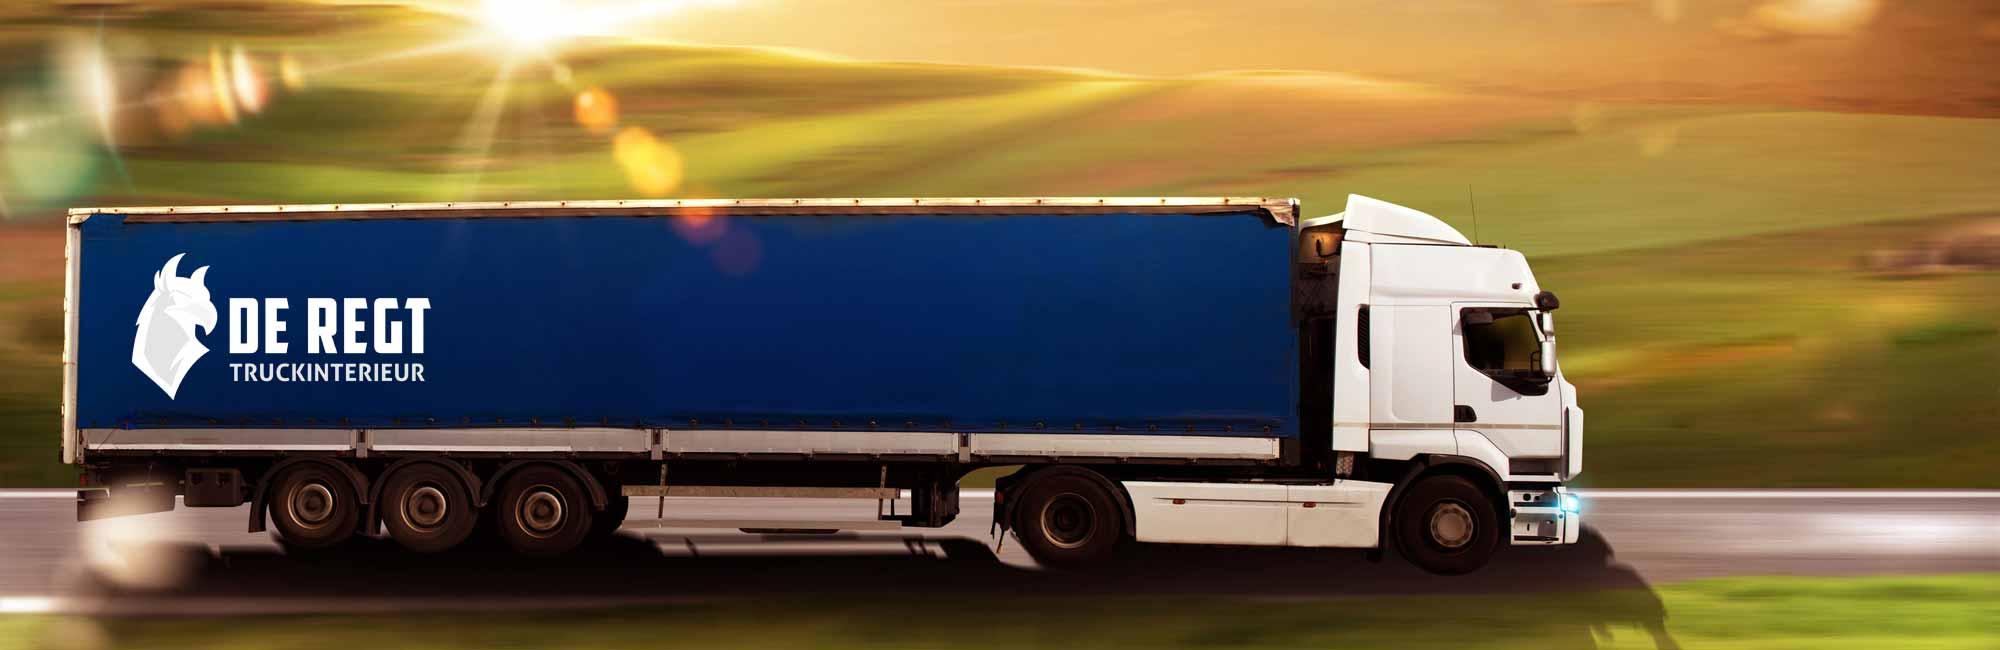 - Truckinterieur De Regt |  Vrachtwagenbekleding voor Scania, Volvo en DAF | Ter Apel